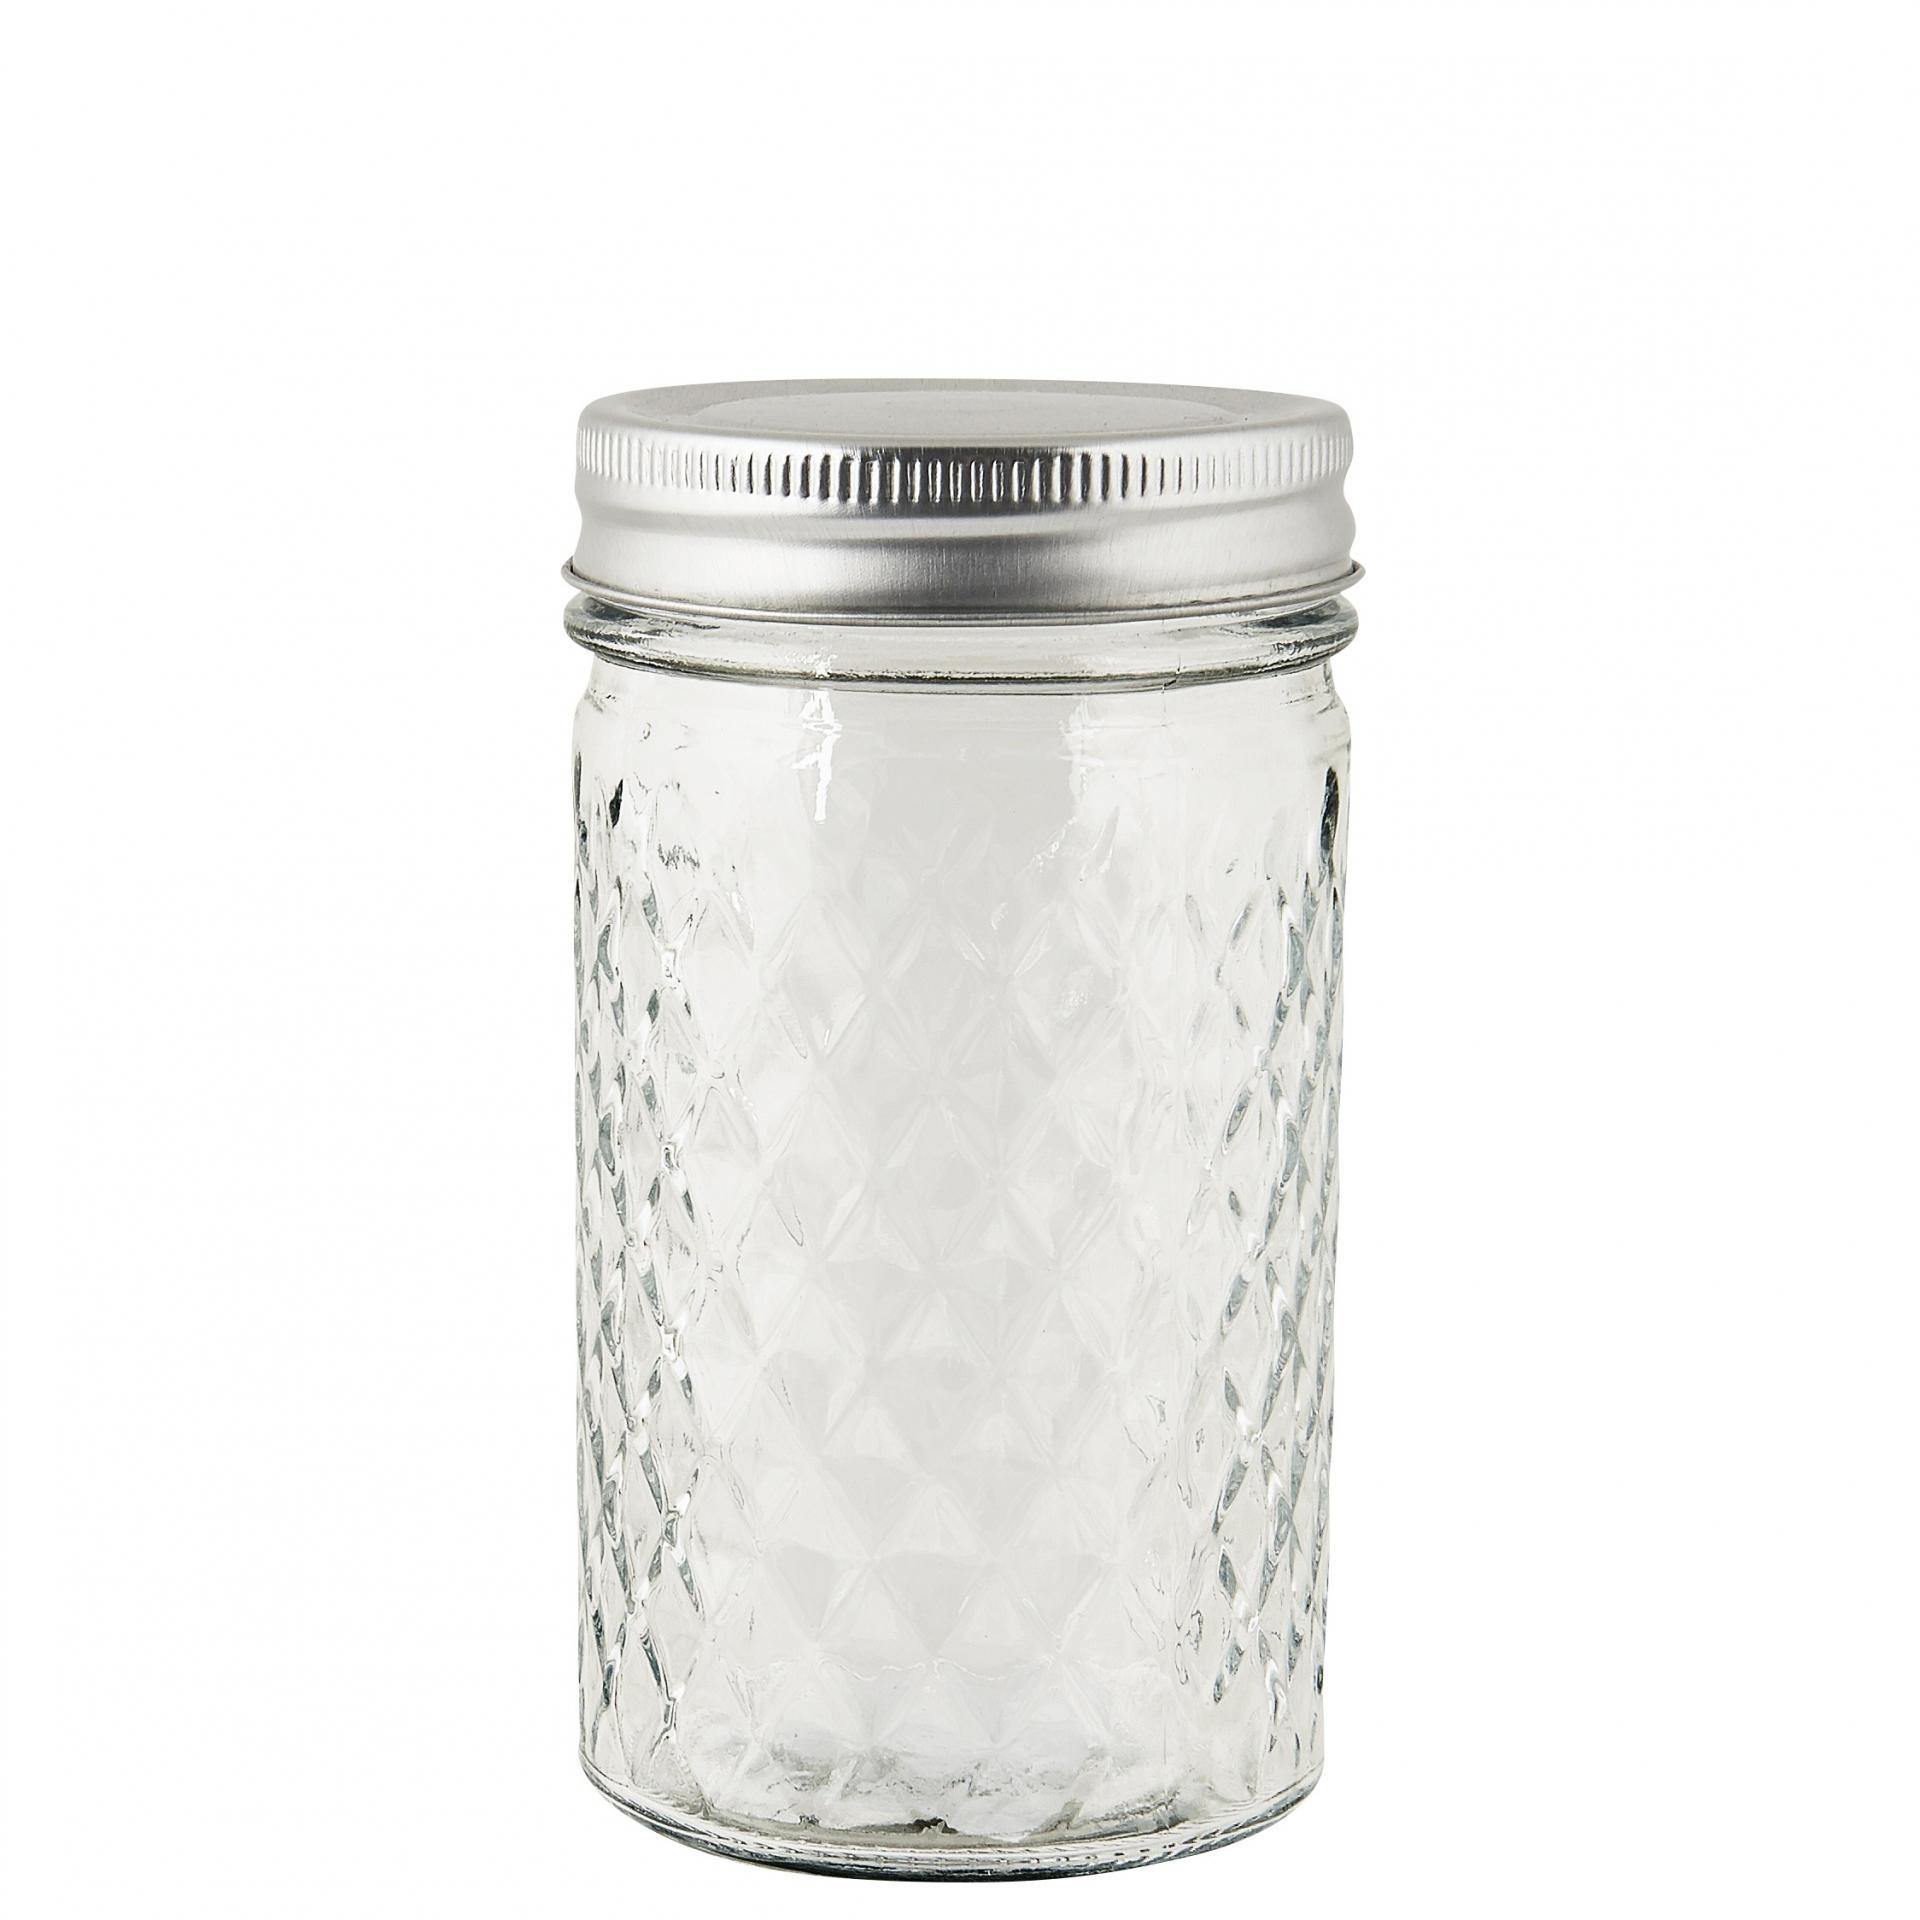 IB LAURSEN Skleněná dózička Harlequin 300 ml, stříbrná barva, čirá barva, sklo